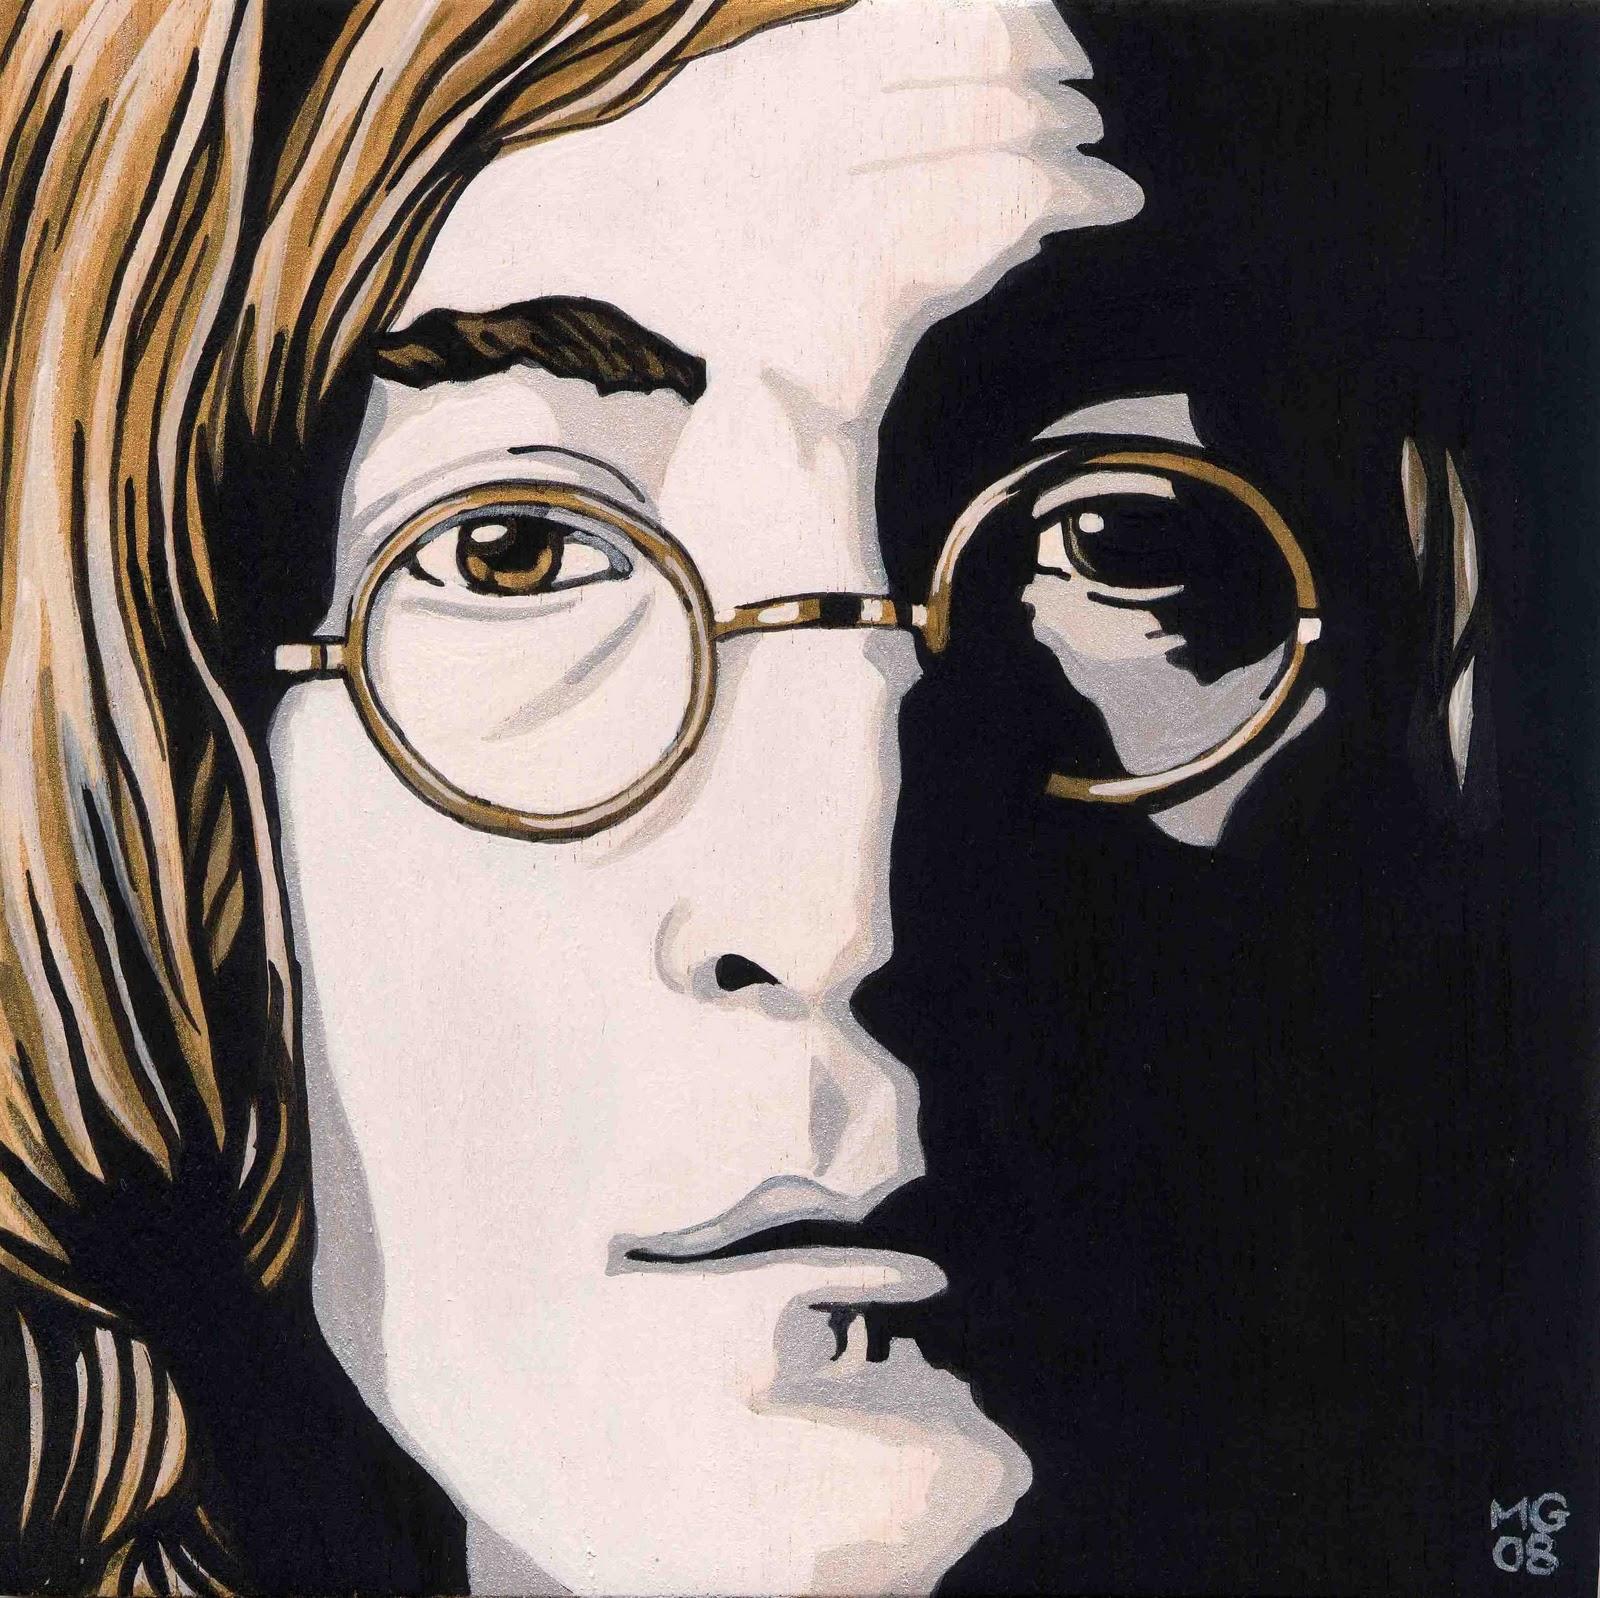 John Lennon's Utopian Vision